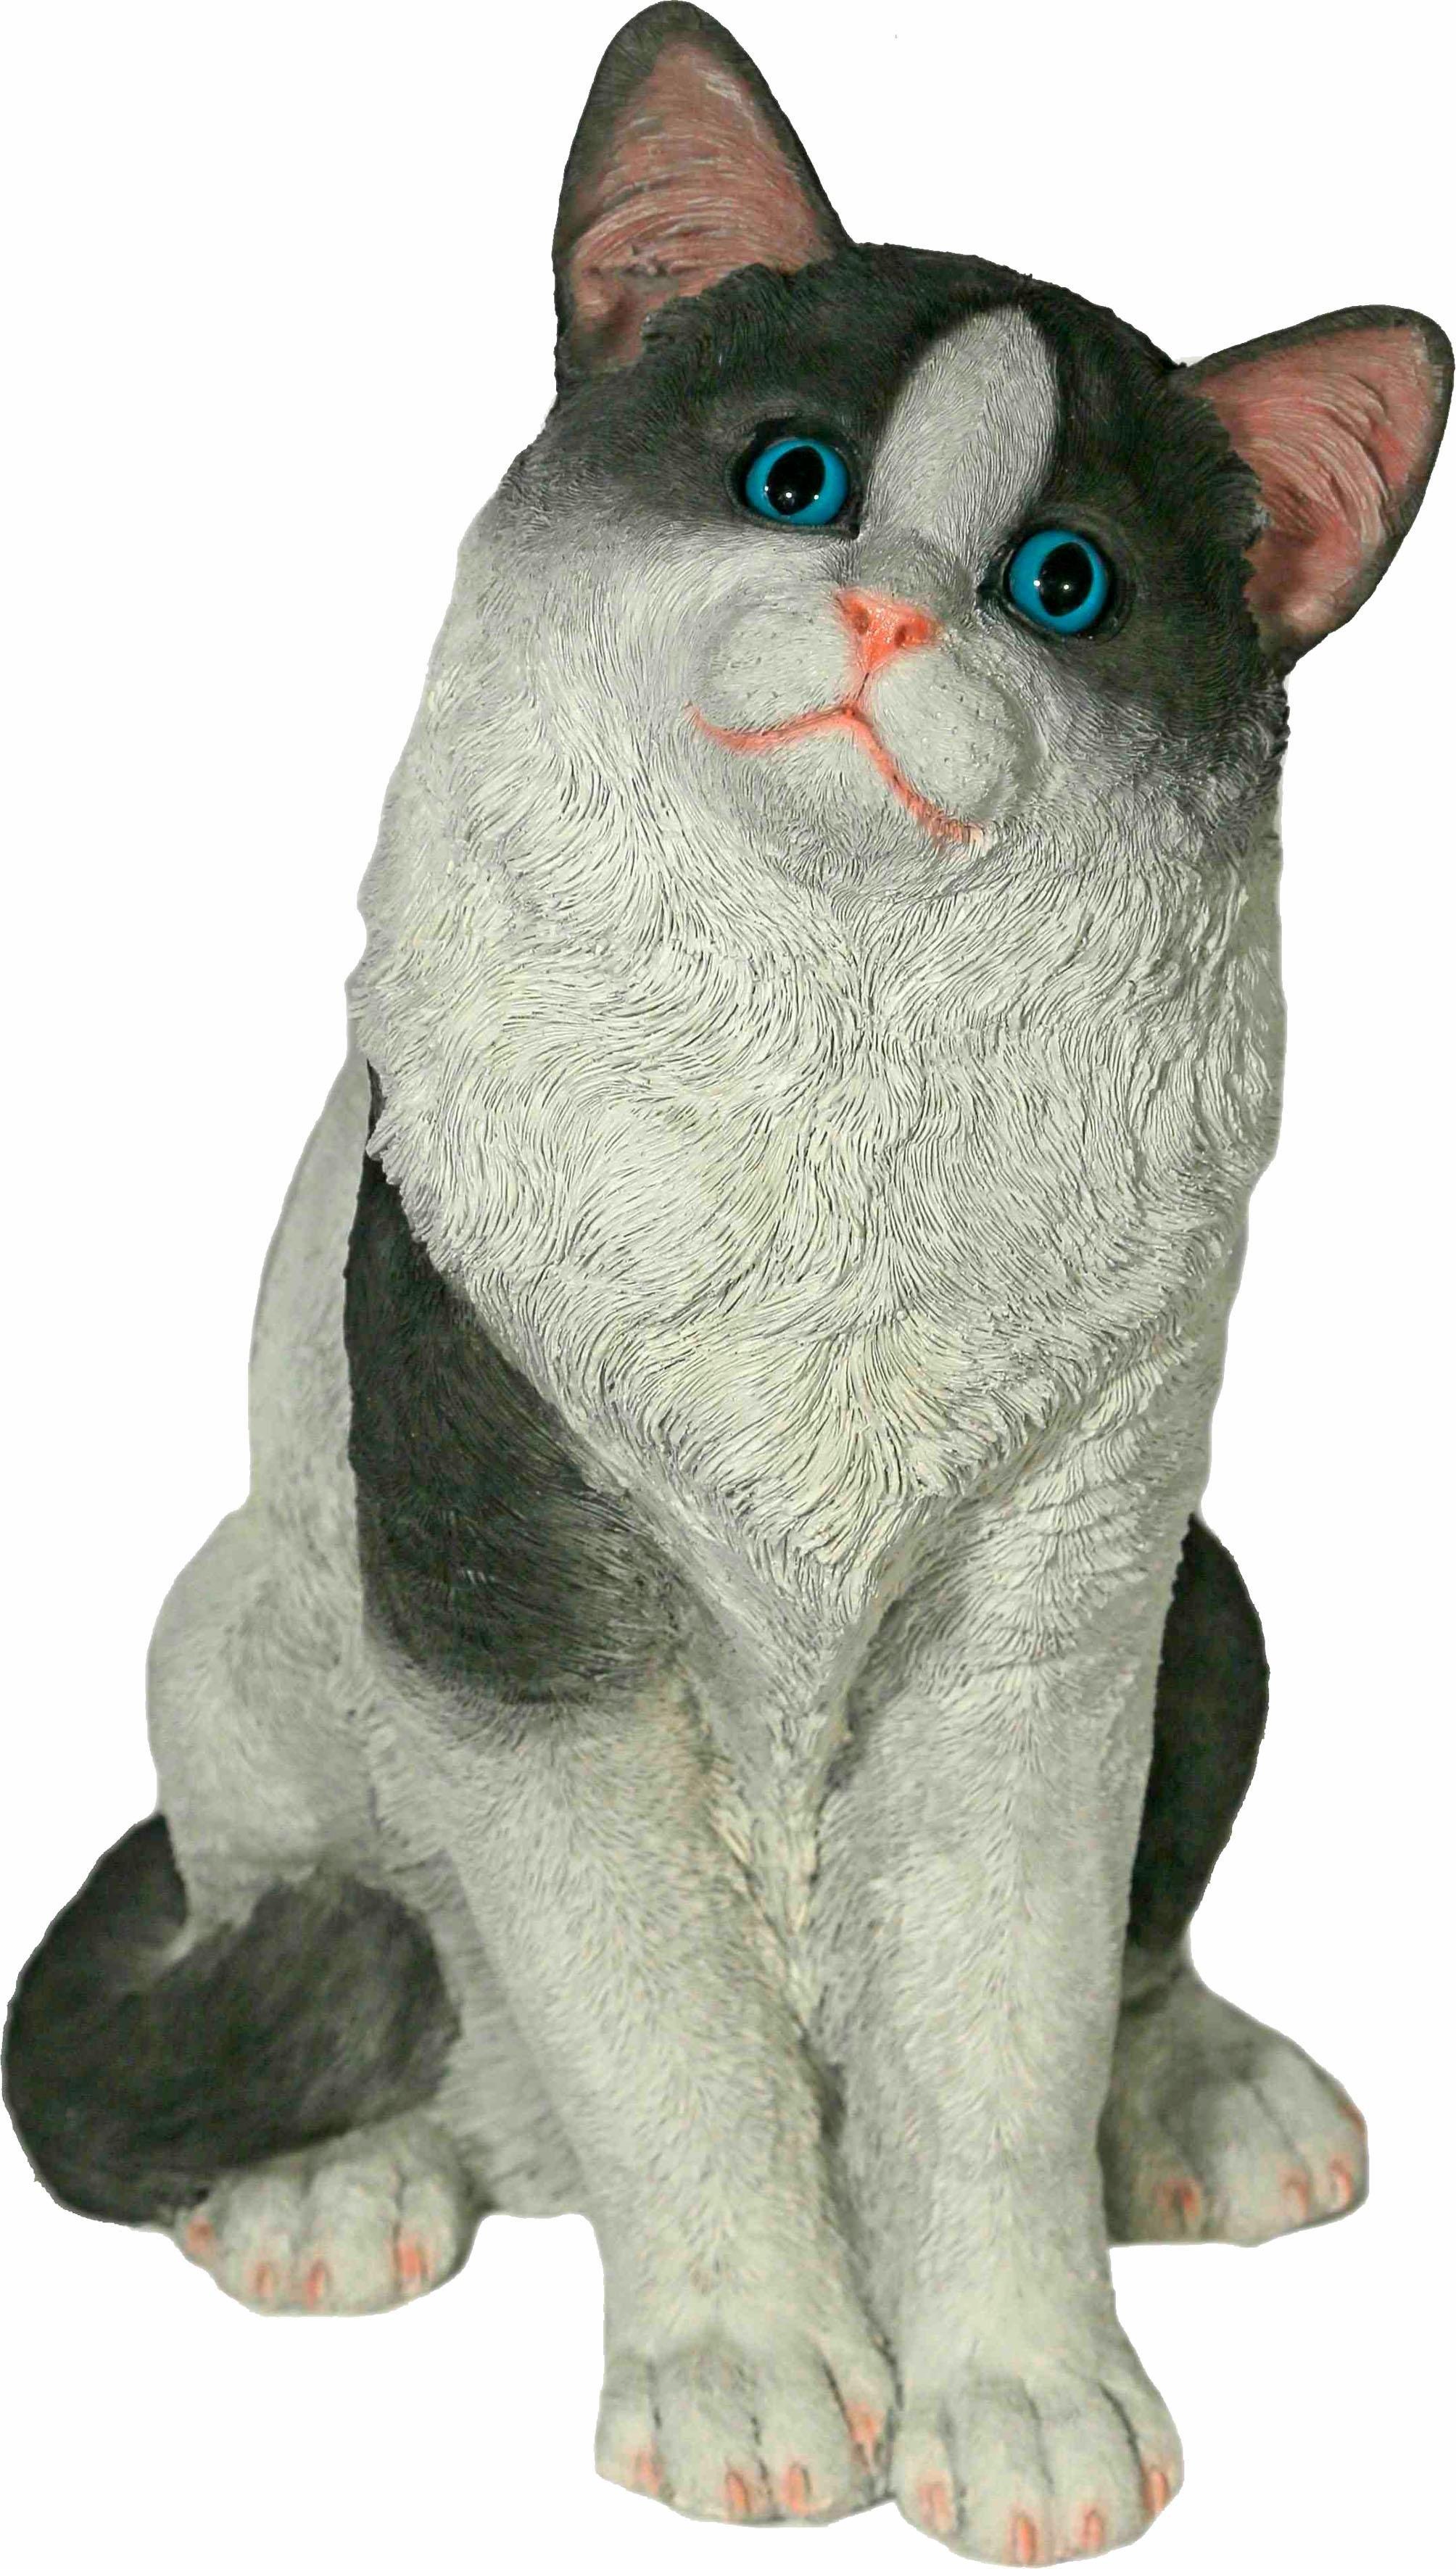 Casa Collection by Jänig dierfiguur Kat zittend, zwart/wit, hoogte: 38 cm online kopen op otto.nl